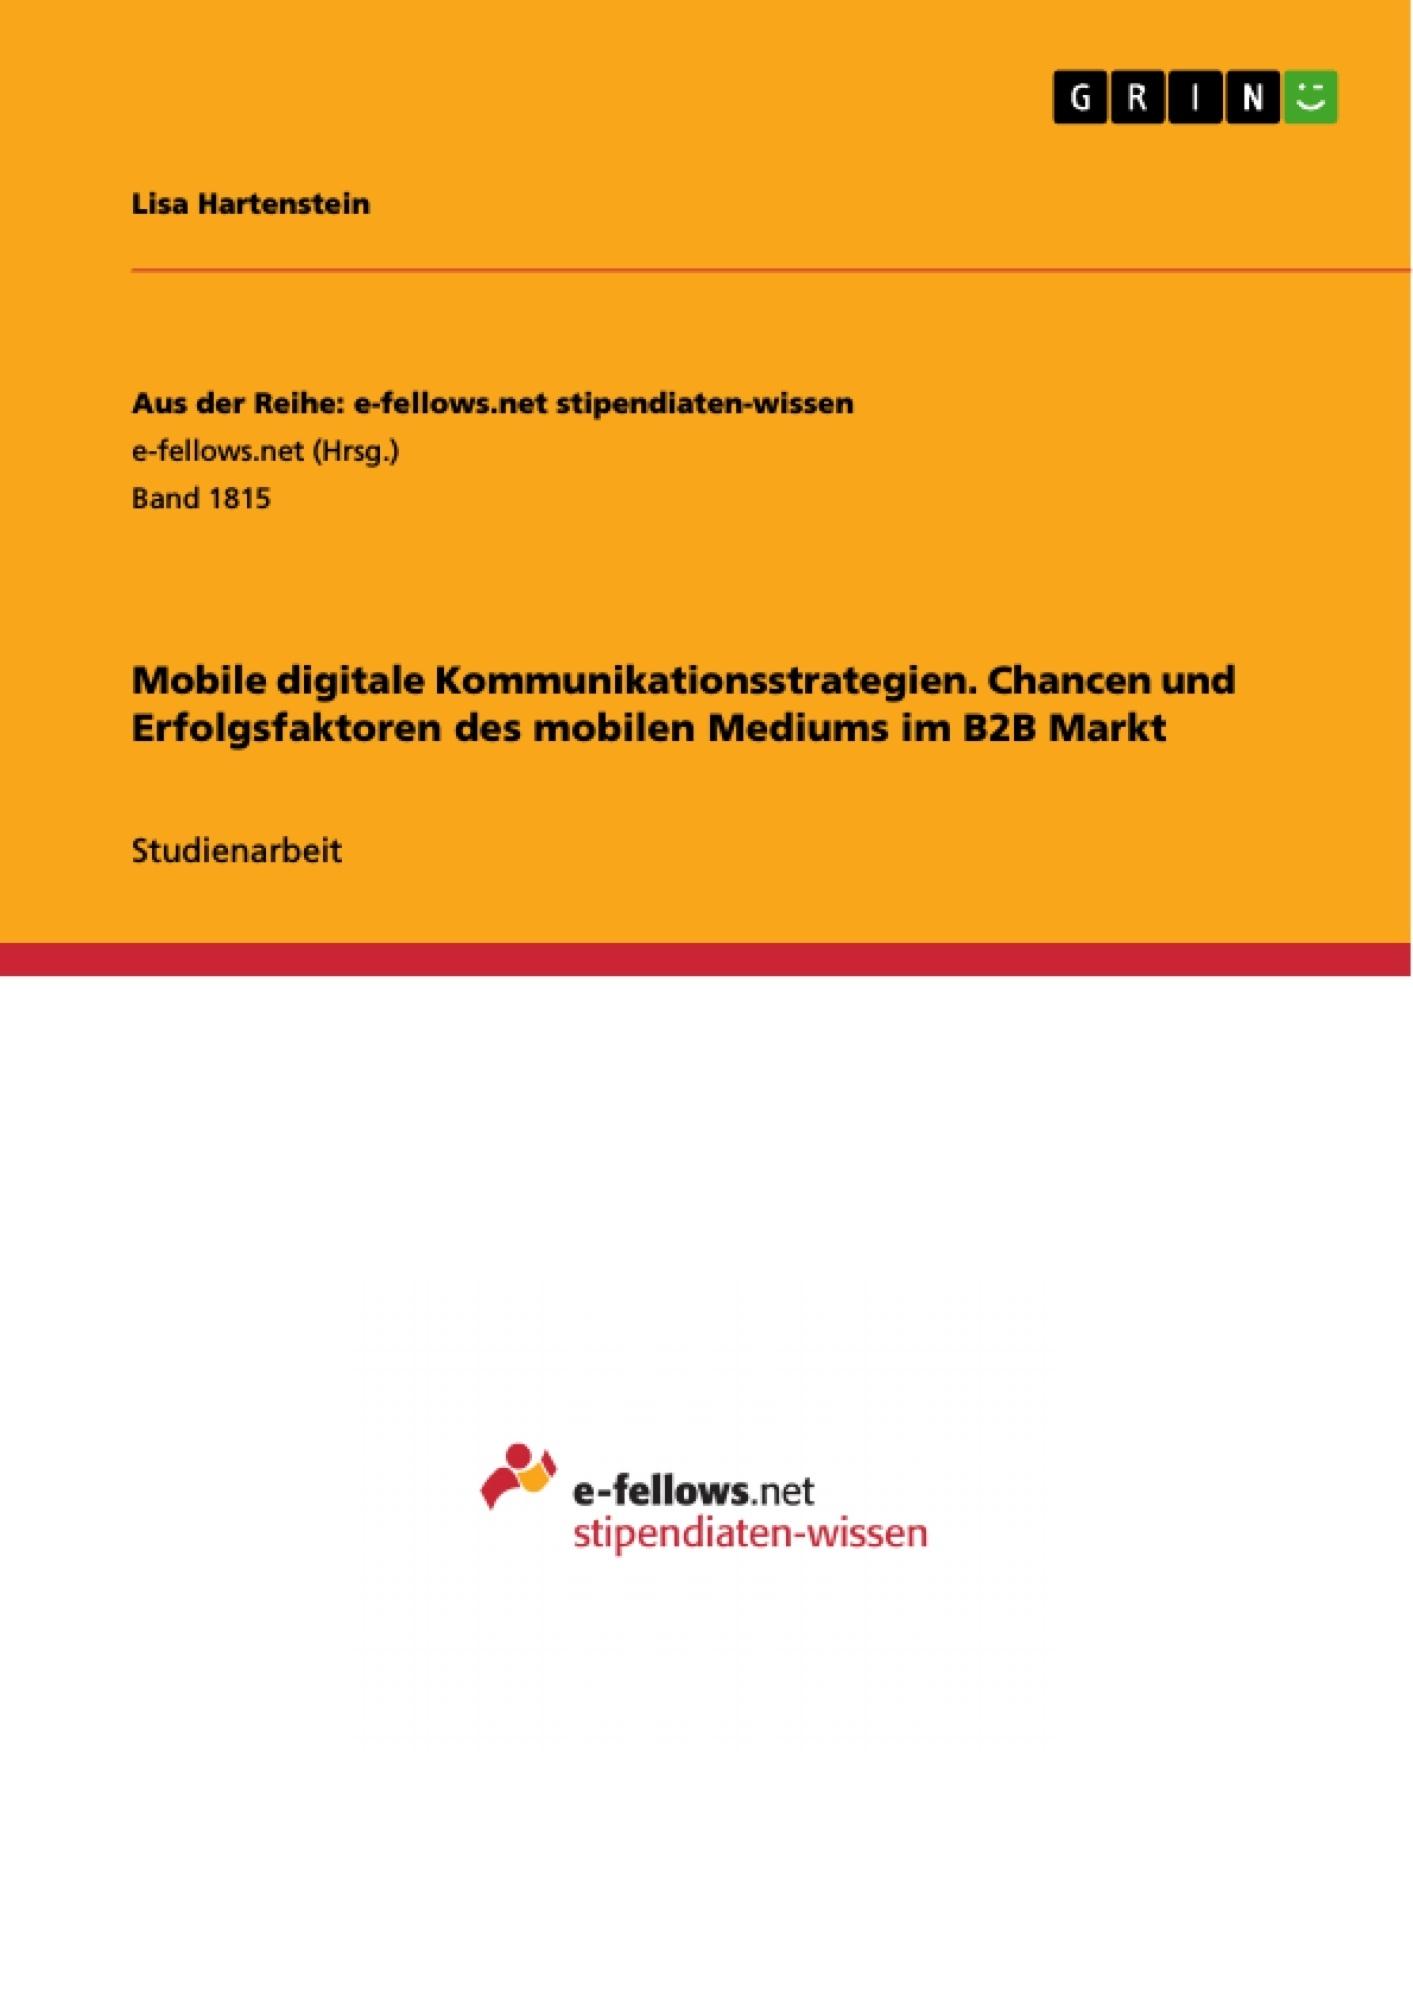 Titel: Mobile digitale Kommunikationsstrategien. Chancen und Erfolgsfaktoren des mobilen Mediums im B2B Markt